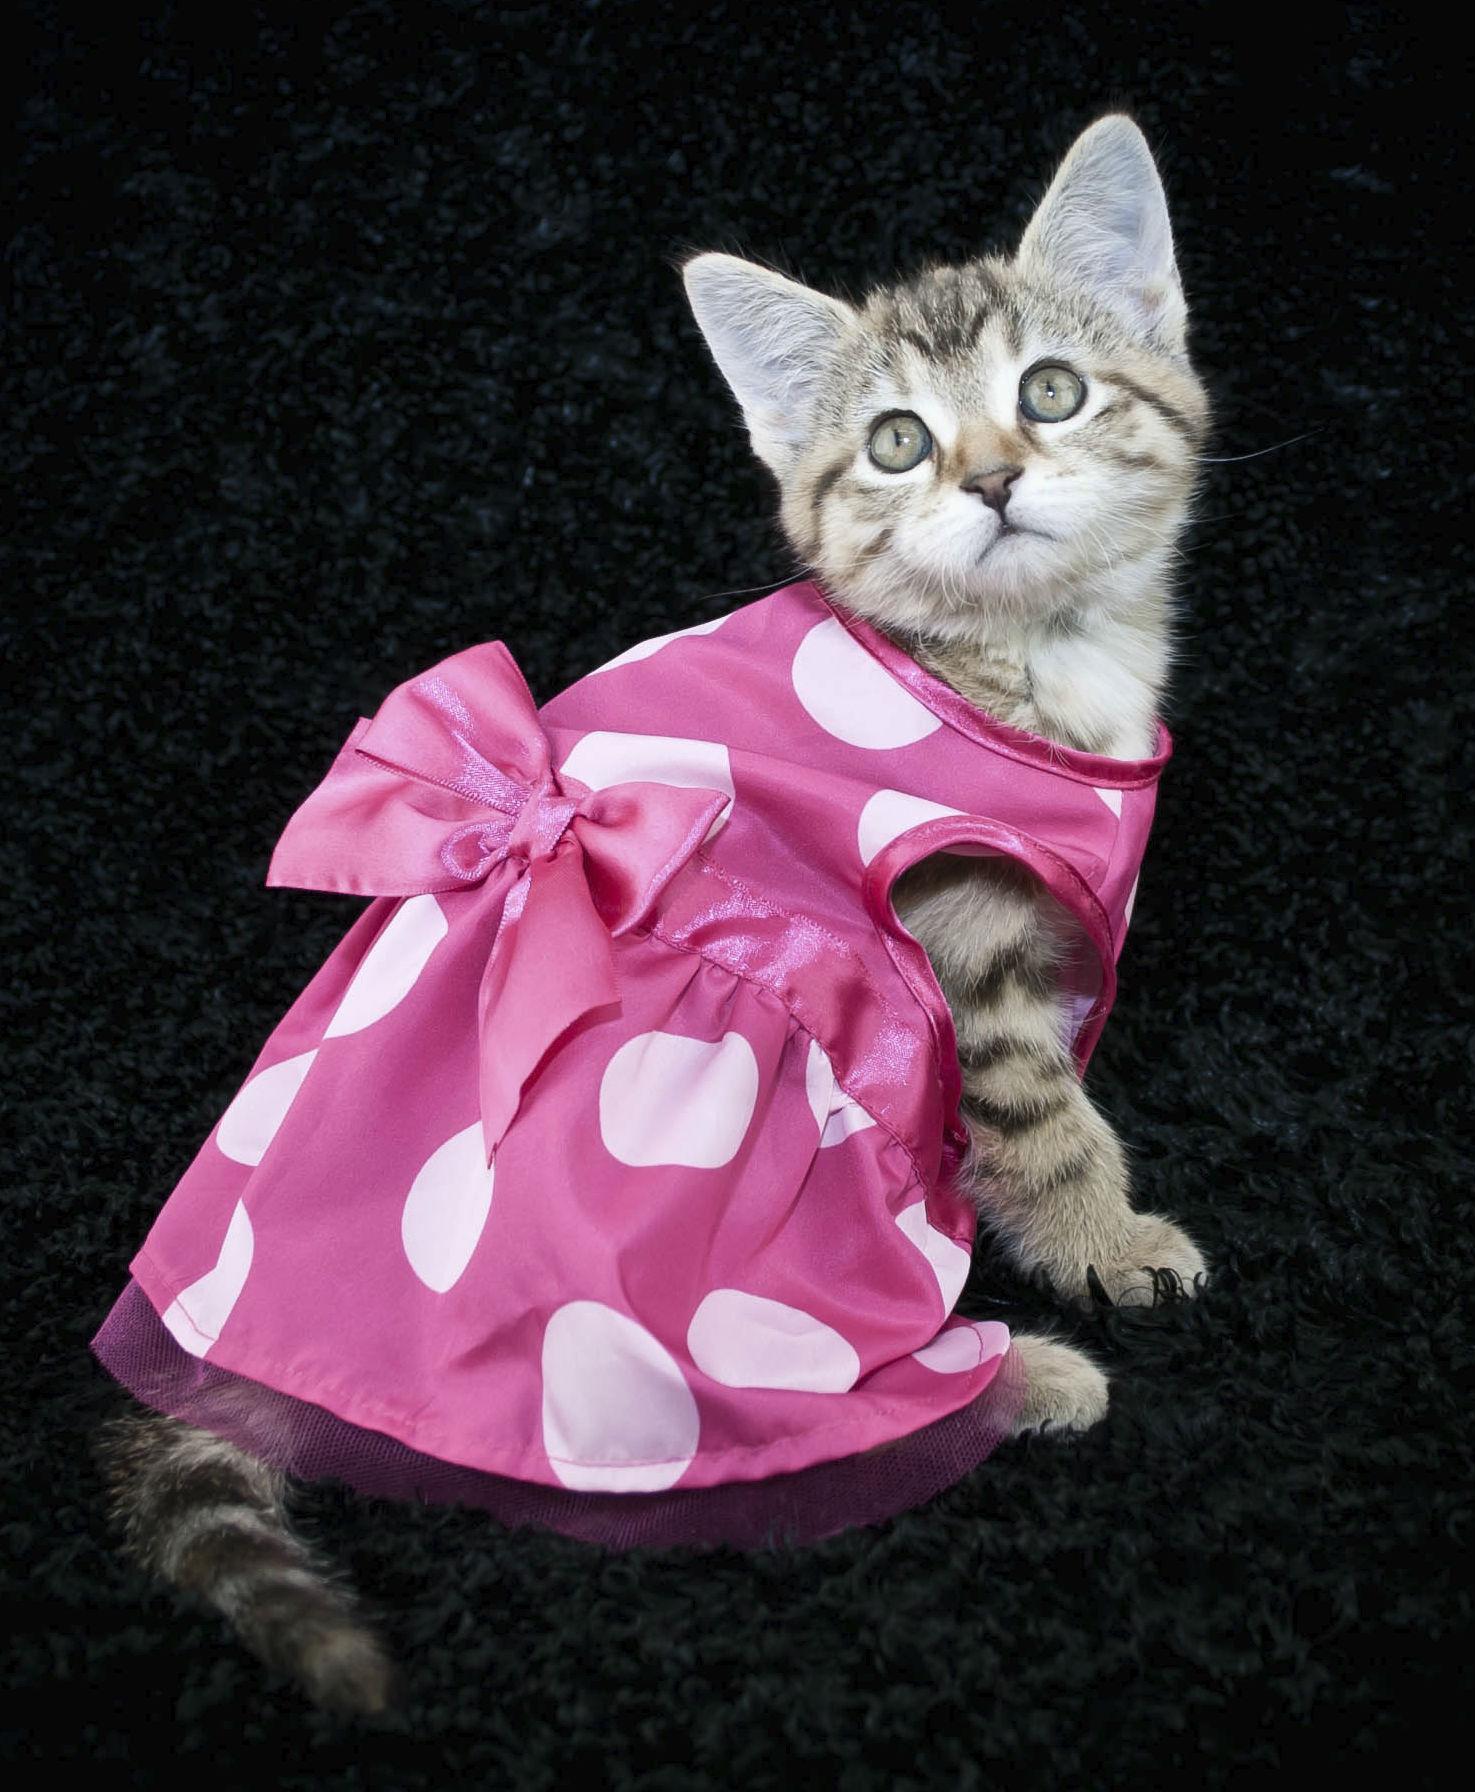 Roupinhas para gatos filhotes fotos e modelos ideias mix - Fotos de casas para gatos ...